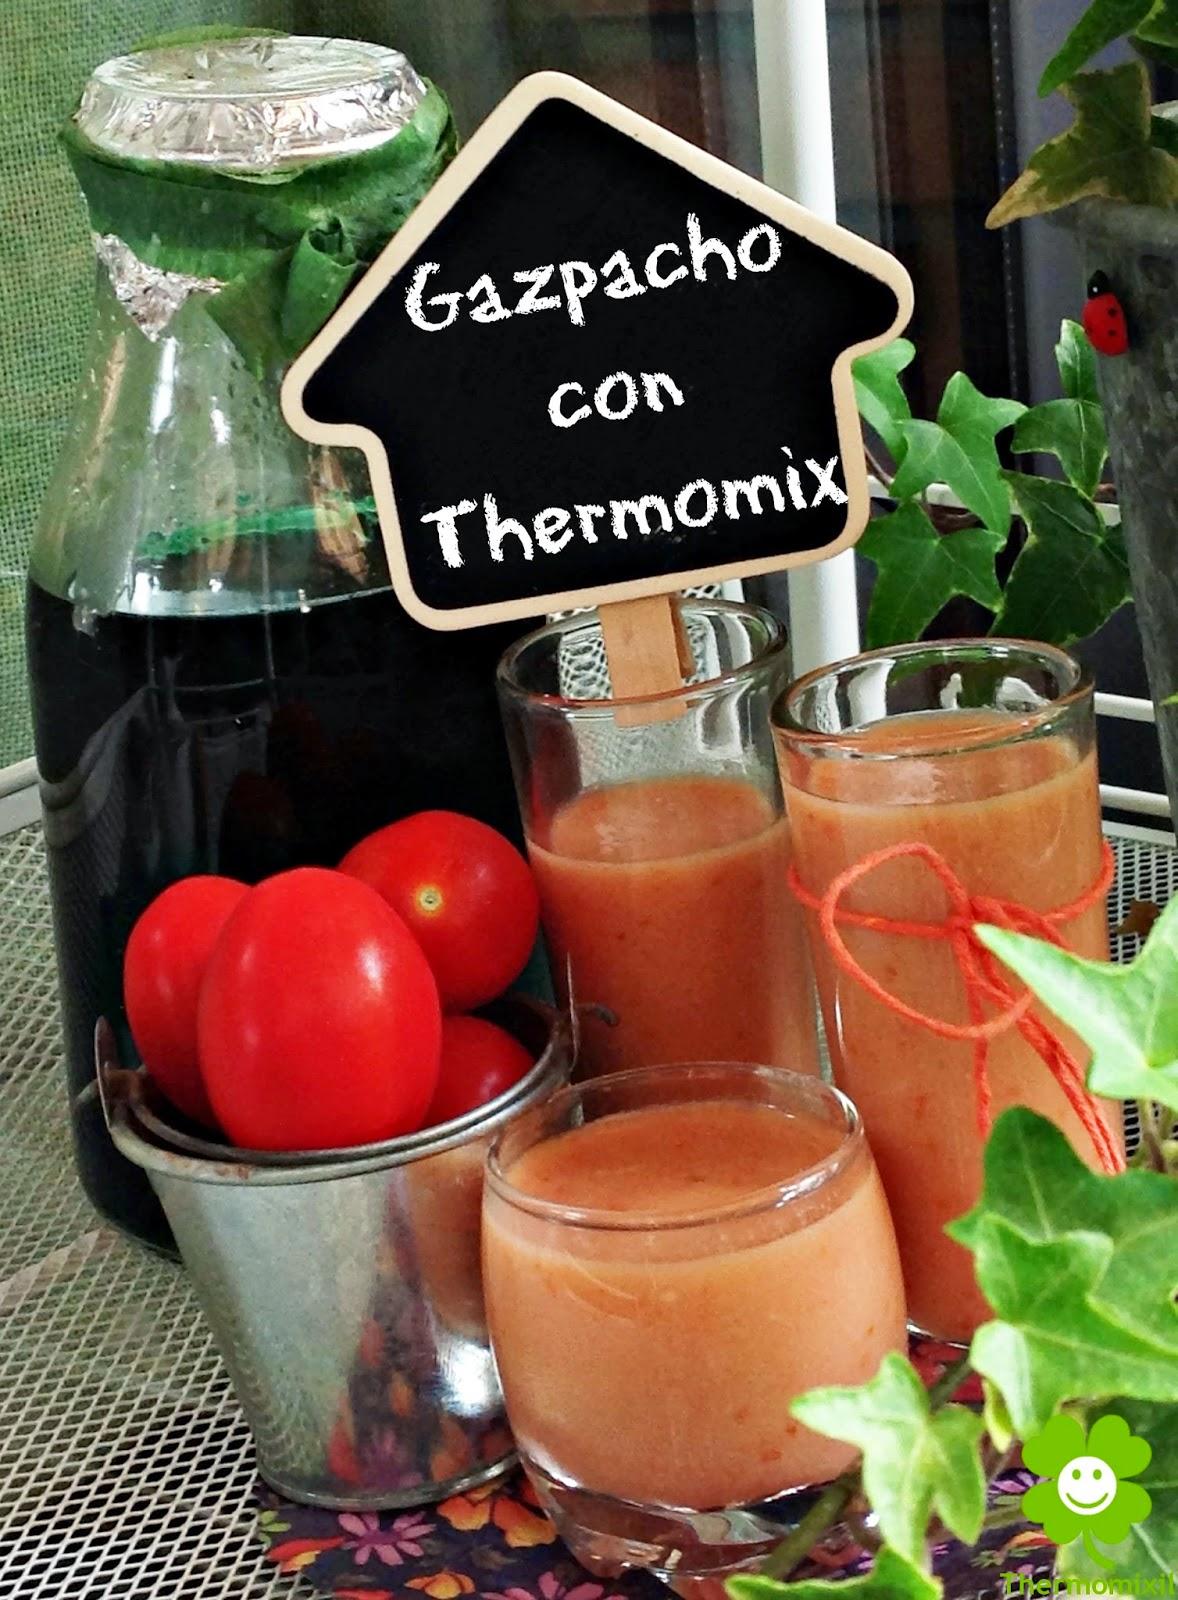 CHUPITO DE GAZPACHO CON THERMOMIX